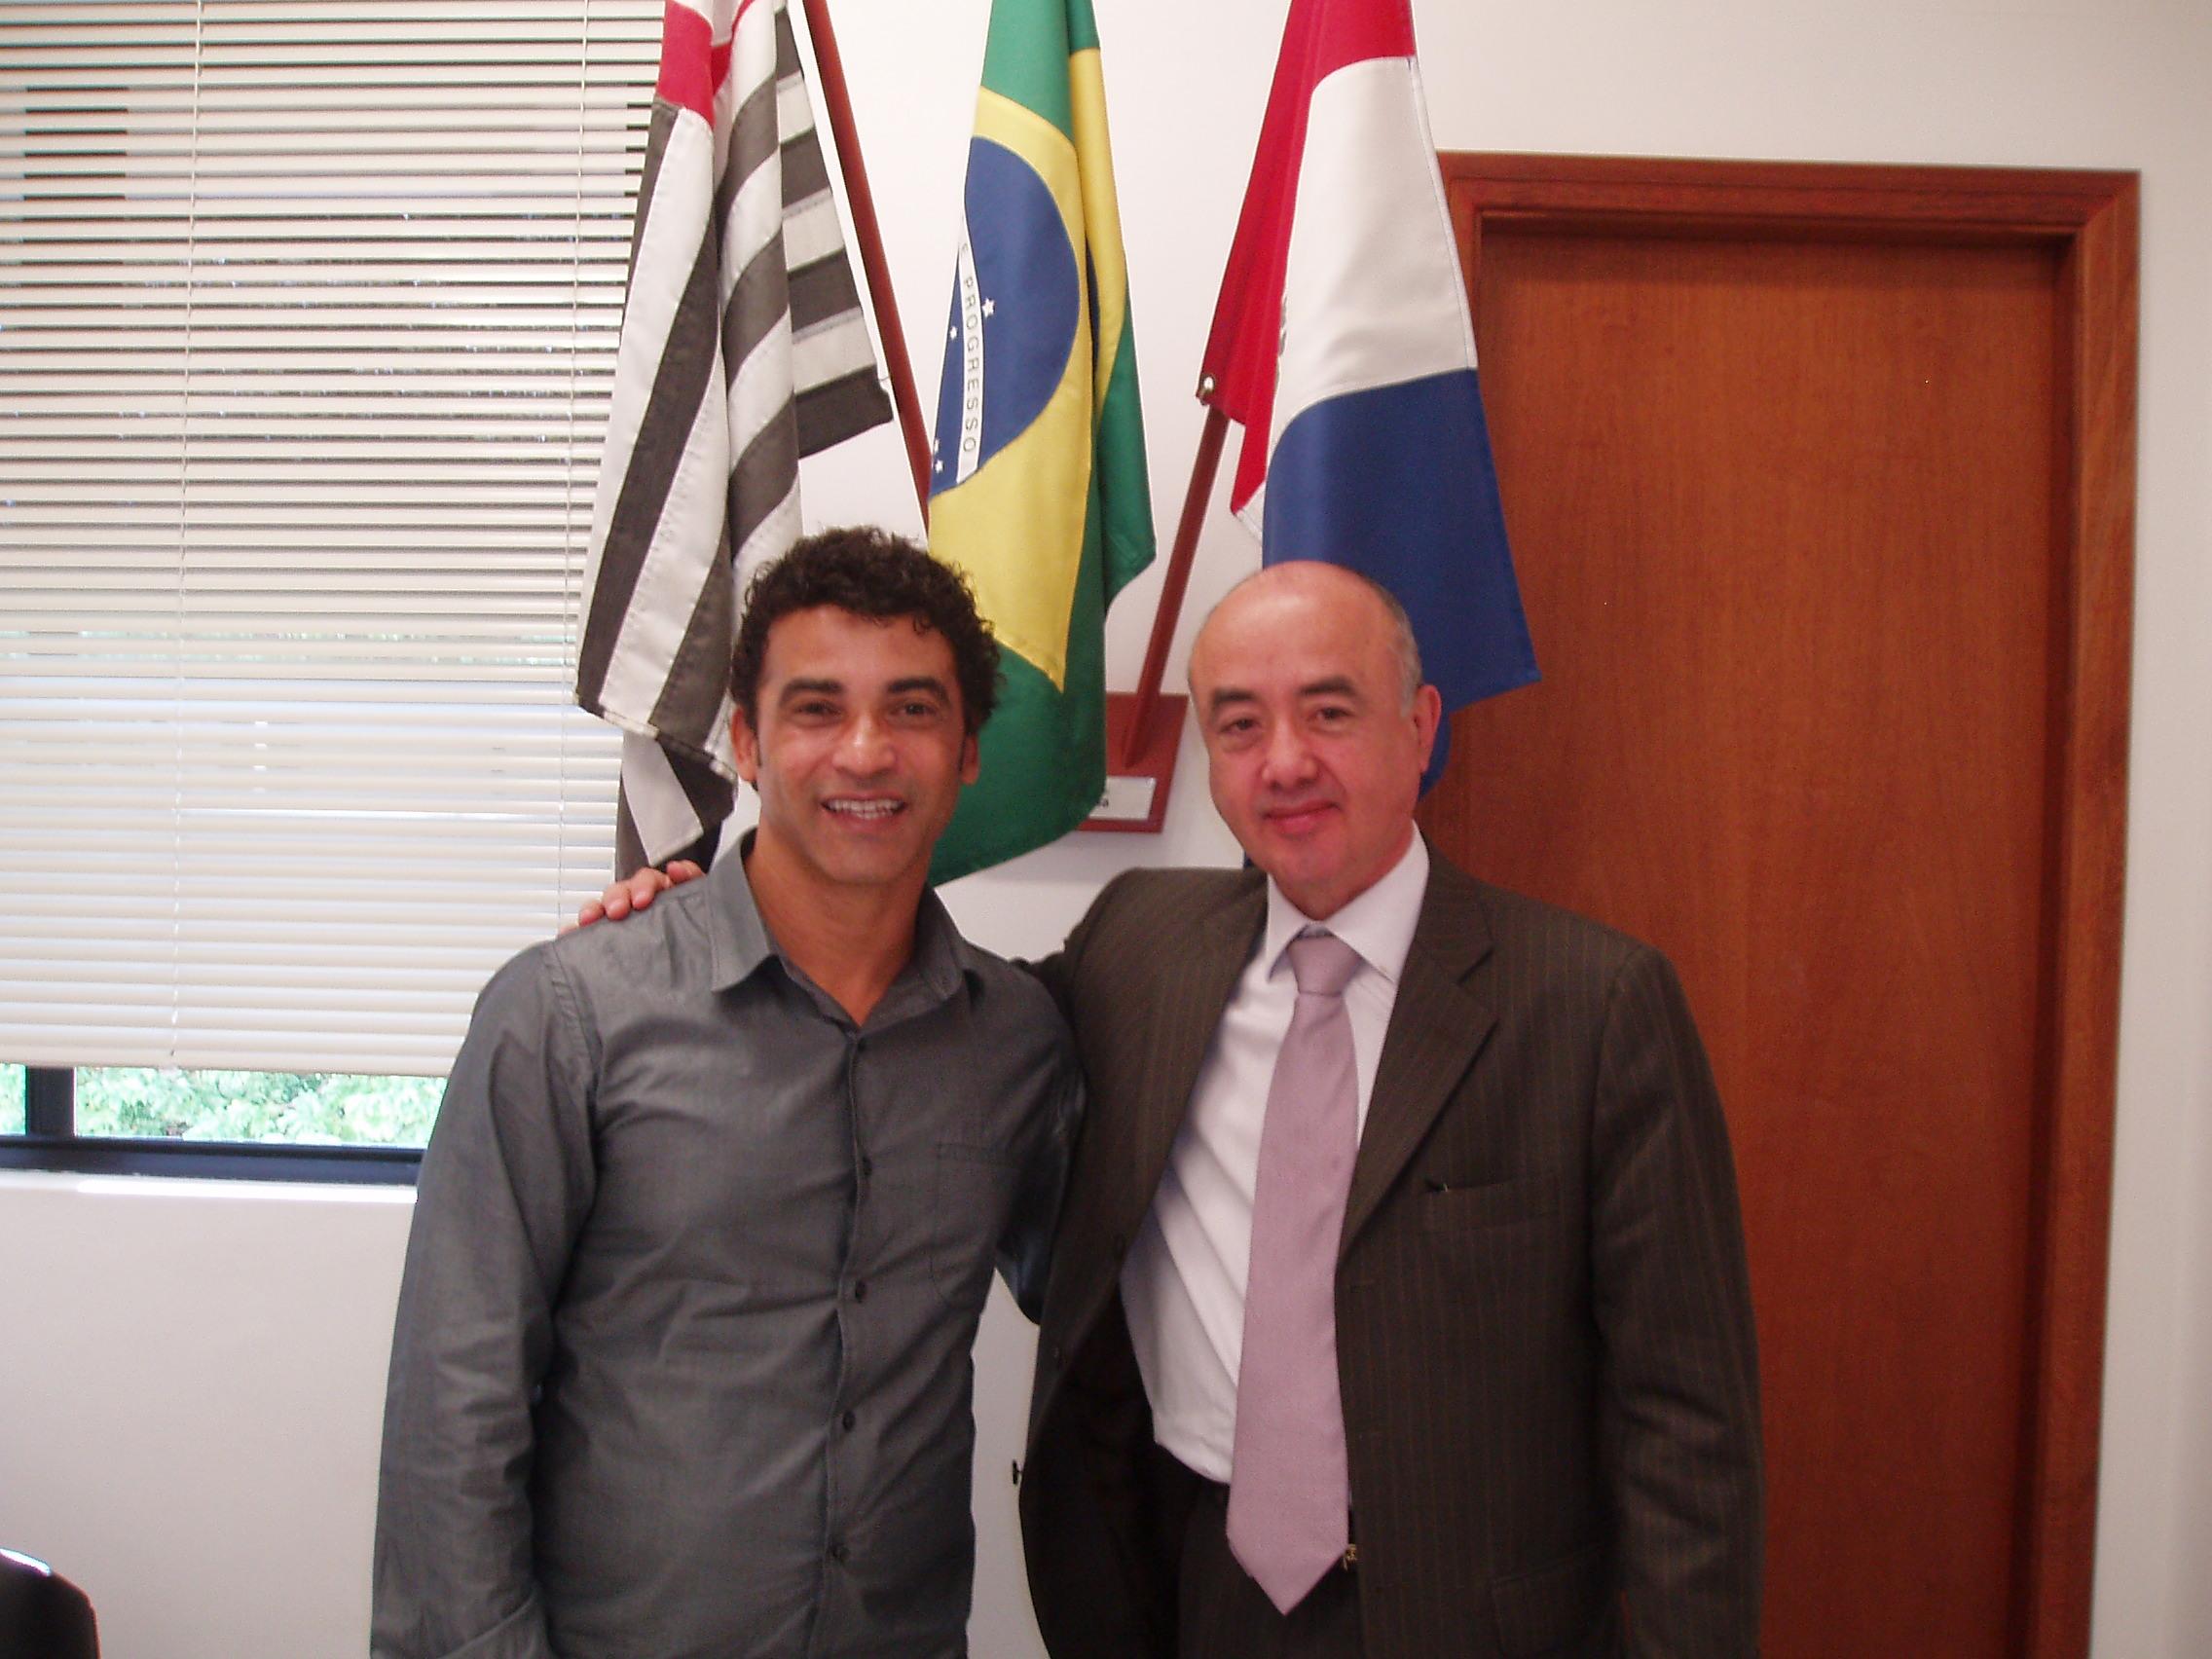 CONFEP visita a Câmara Municipal de Indaiatuba - SP, por meio do chefe de gabinete do CONFEP Joaquim Carlos Pereira e é recebido pelo vereador Gervásio